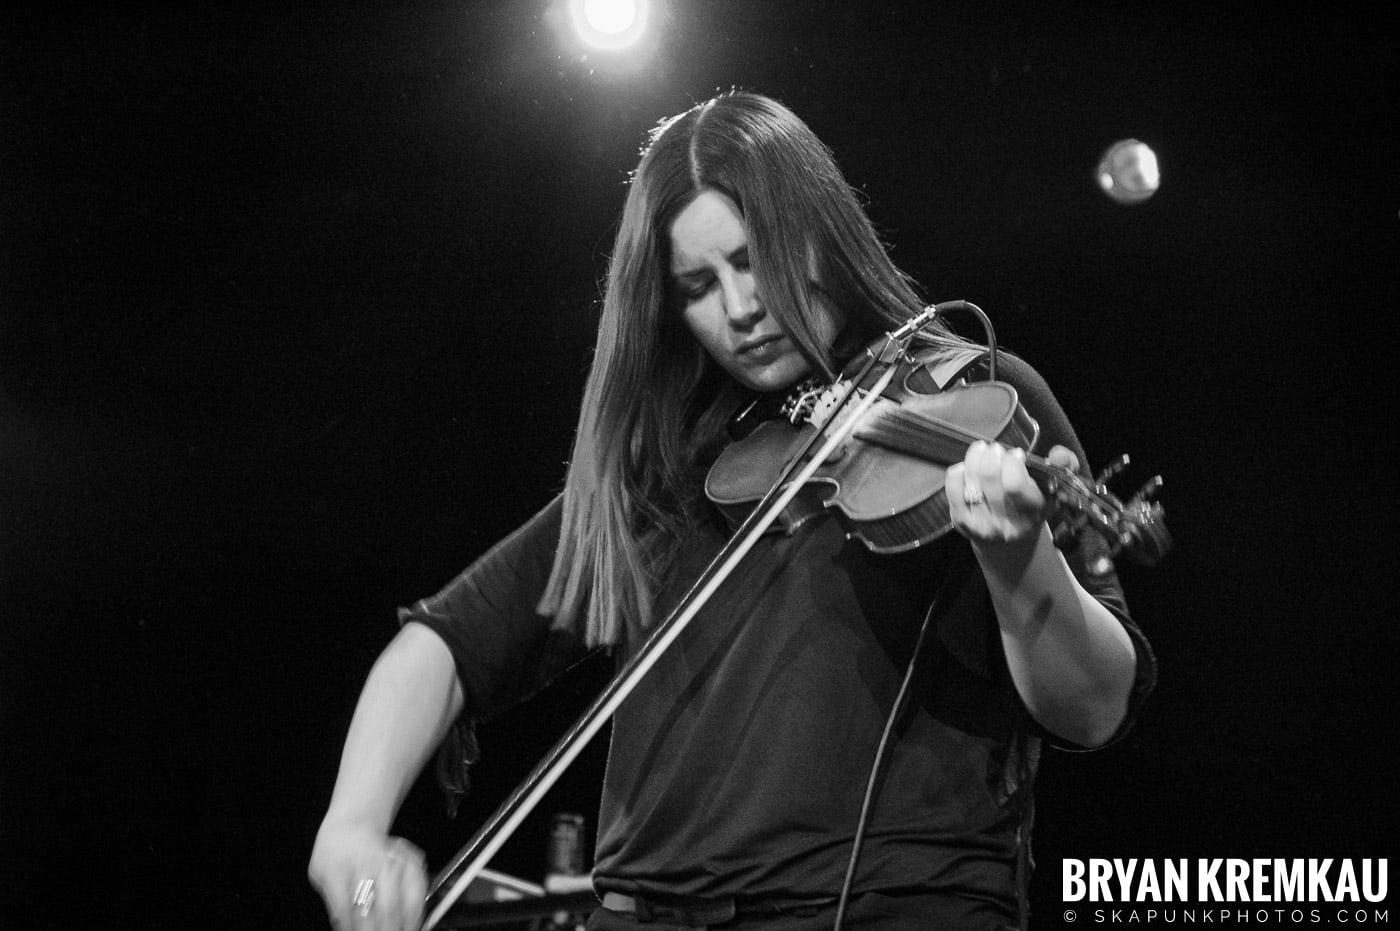 Flogging Molly @ Nokia Theatre, NYC - 2.16.06 (2)